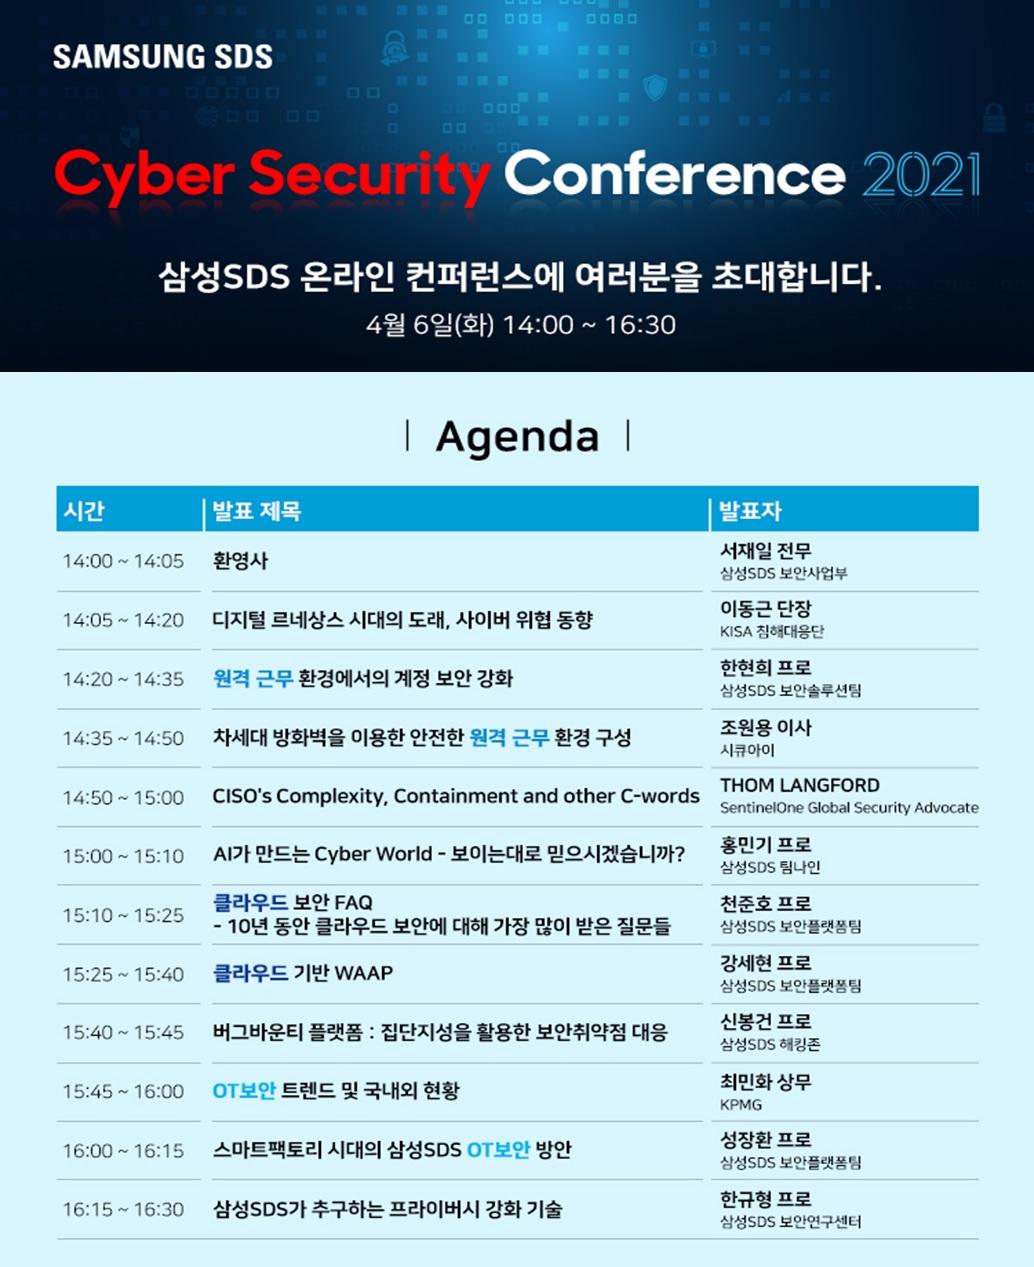 삼성SDS Cyber Security Conference 2021 삼성SDS 온랑린 컨퍼런스에 여러분을 초대합니다 4월 6일(화) 14:00~16:30 아젠다 시간 발표 제목 발표자 순 14:00 ~ 14:05     환영사     서재일 전무 삼성SDS 보안사업부  14:05 ~ 14:20     디지털 르네상스 시대의 도래, 사이버 위협 동향     이동근 단장 KISA 침해대응단  14:20 ~ 14:35     원격 근무 환경에서의 계정 보안 강화     한현희 프로 삼성SDS 보안솔루션팀  14:35 ~ 14:50     차세대 방화벽을 이용한 안전한 원격근무 환경 구성     조원용 이사 시큐아이  14:50 ~ 15:00     CISO's Complexity, Containment and other C-words     THOM LANGFORDSentinelOne Global SecurityAdvocate  15:00 ~ 15:10     AI가 만드는 Cyber World - 보이는대로 믿으시겠습니까?     홍민기 프로 삼성SDS 팀나인  15:10 ~ 15:25     클라우드 보안 FAQ - 10년 동안 클라우드 보안에 대해 가장 많이 받은 질문들     천준호 프로 삼성SDS 보안플랫폼팀  15:25 ~ 15:40     클라우드 기반 WAAP     강세현 프로 삼성SDS 보안플랫폼팀  15:40 ~ 15:45     버그바운티 플랫폼 : 집단지성을 활용한 보안취약점 대응     신봉건 프로 삼성SDS 해킹존  15:45 ~ 16:00     OT보안 트렌드 및 국내외 현황     최민화 상무 KPMG  16:00 ~ 16:15     스마트팩토리 시대의 삼성SDS OT보안 방안     성장환 프로 삼성SDS 보안플랫폼팀  16:15 ~ 16:30     삼성SDS가 추구하는 프라이버시 강화 기술     한규형 프로 삼성SDS 보안연구센터